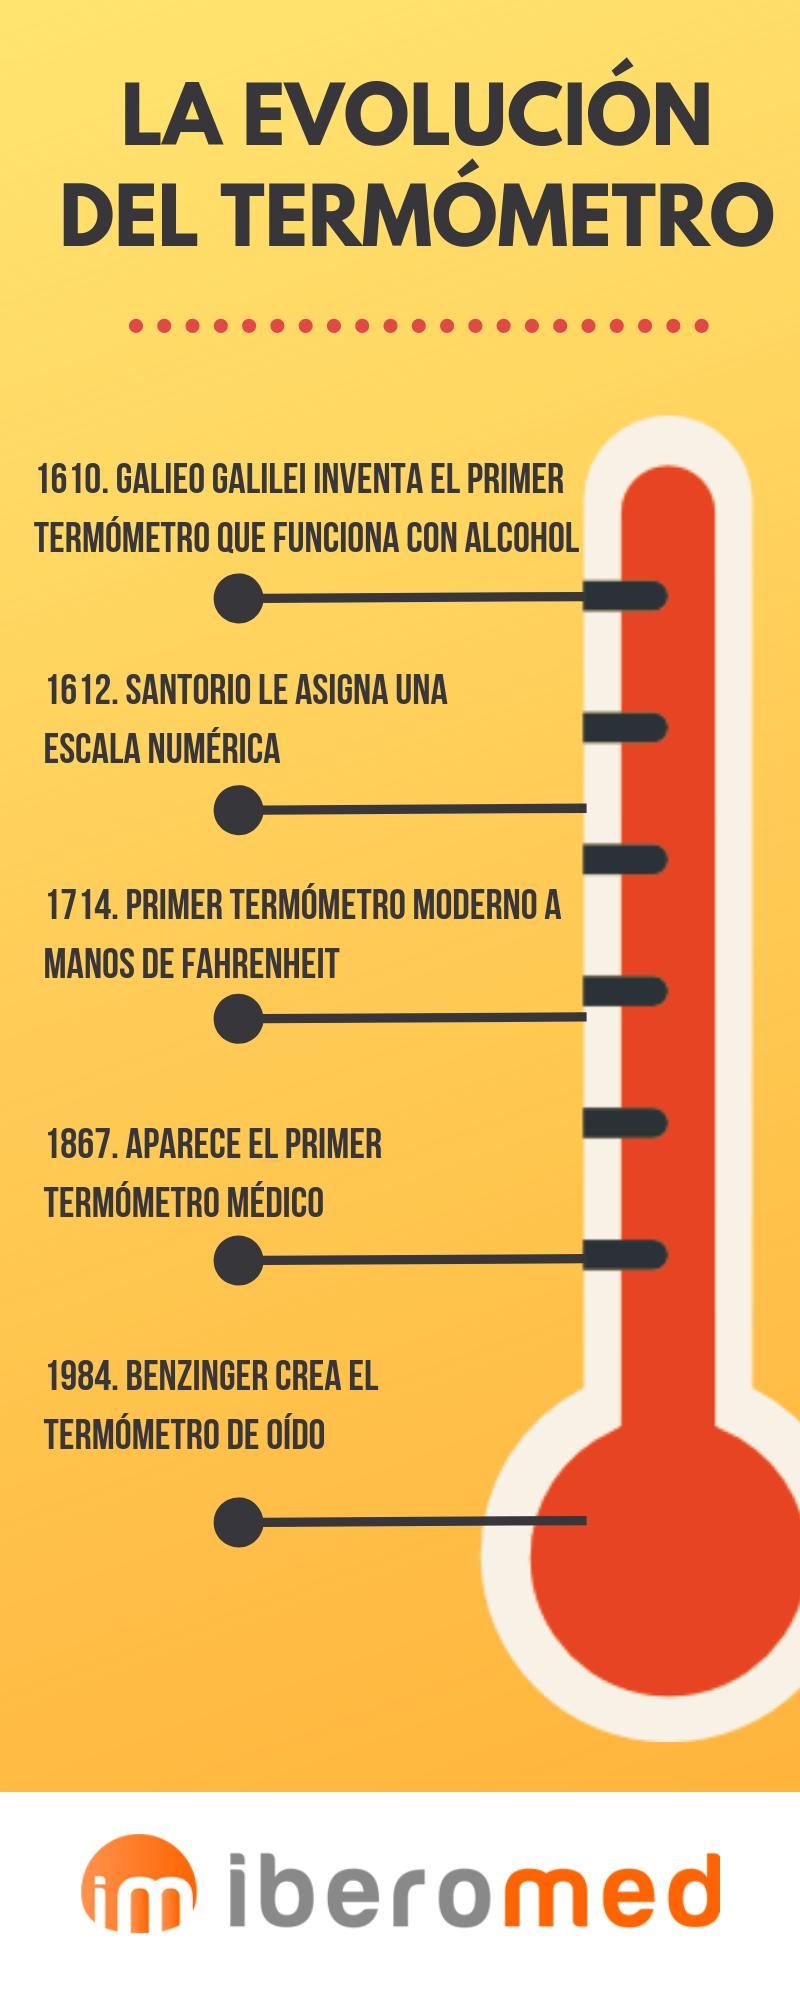 Tipos De Termometro Y Su Historia Blog Iberomed Encontrá termometro digital en mercado libre argentina! tipos de termometro y su historia